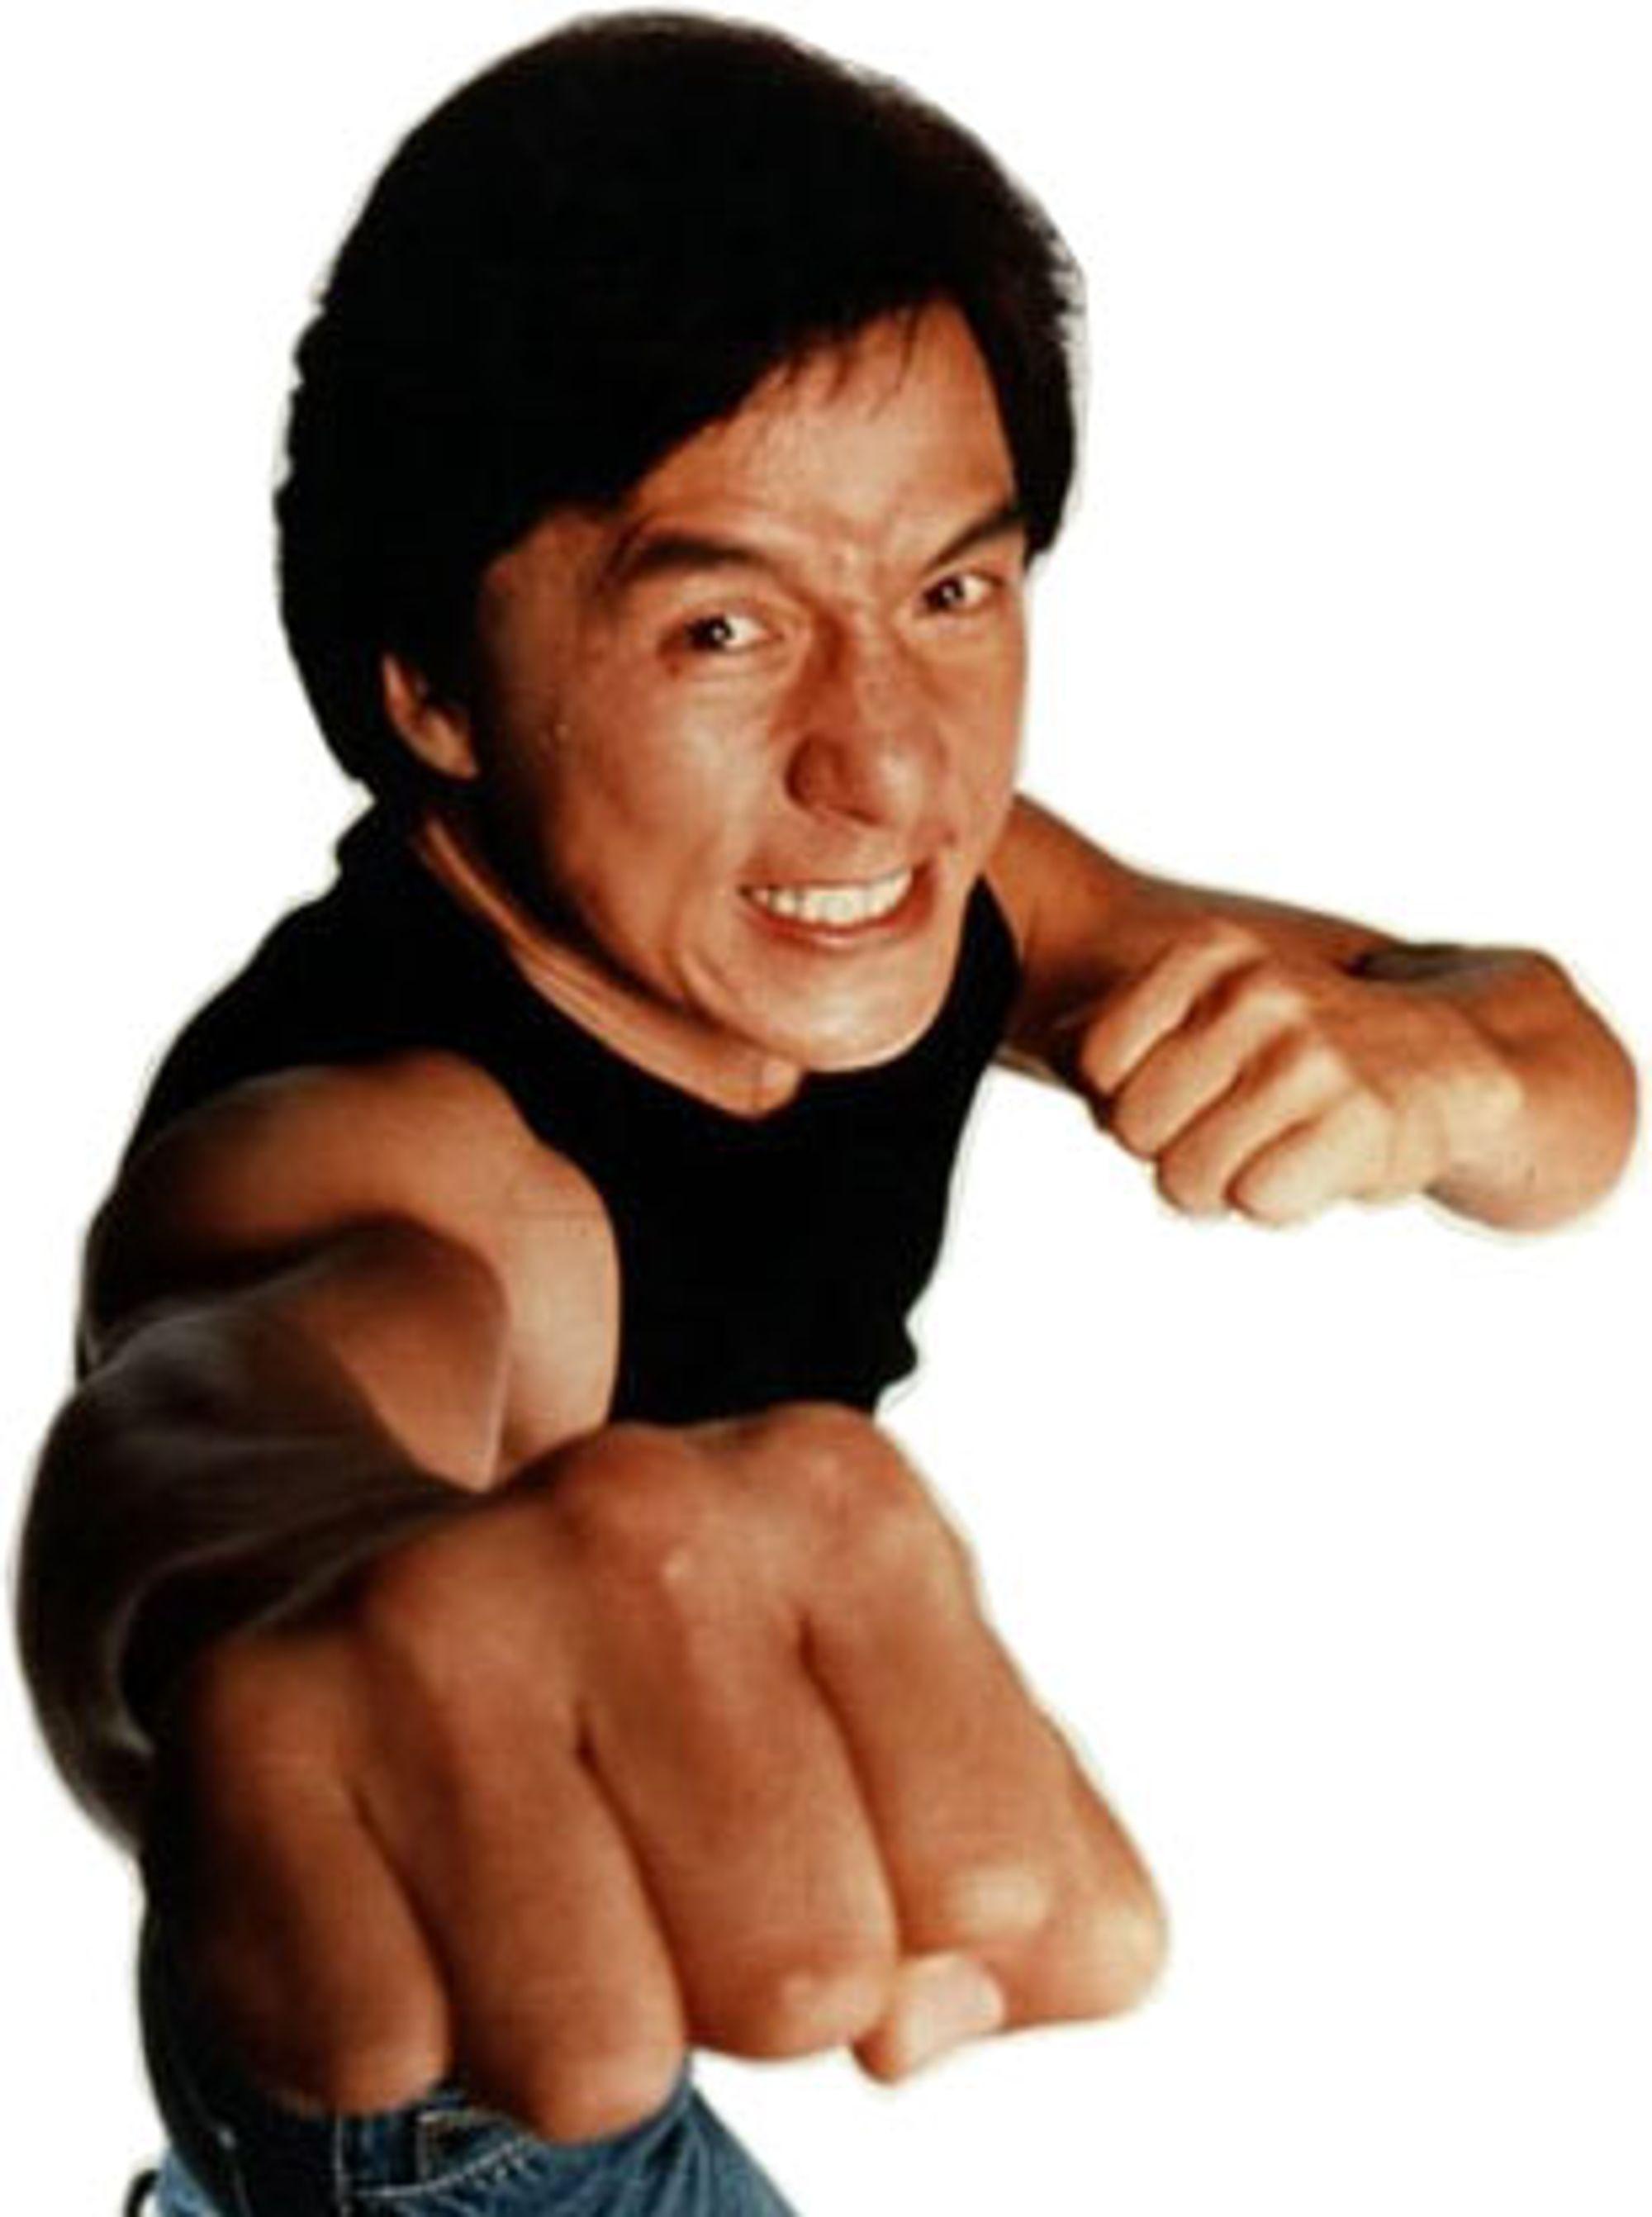 Jackie Chan advarer publikum mot å ha forhøye forventninger til sine nye film sammen med Jet Li.